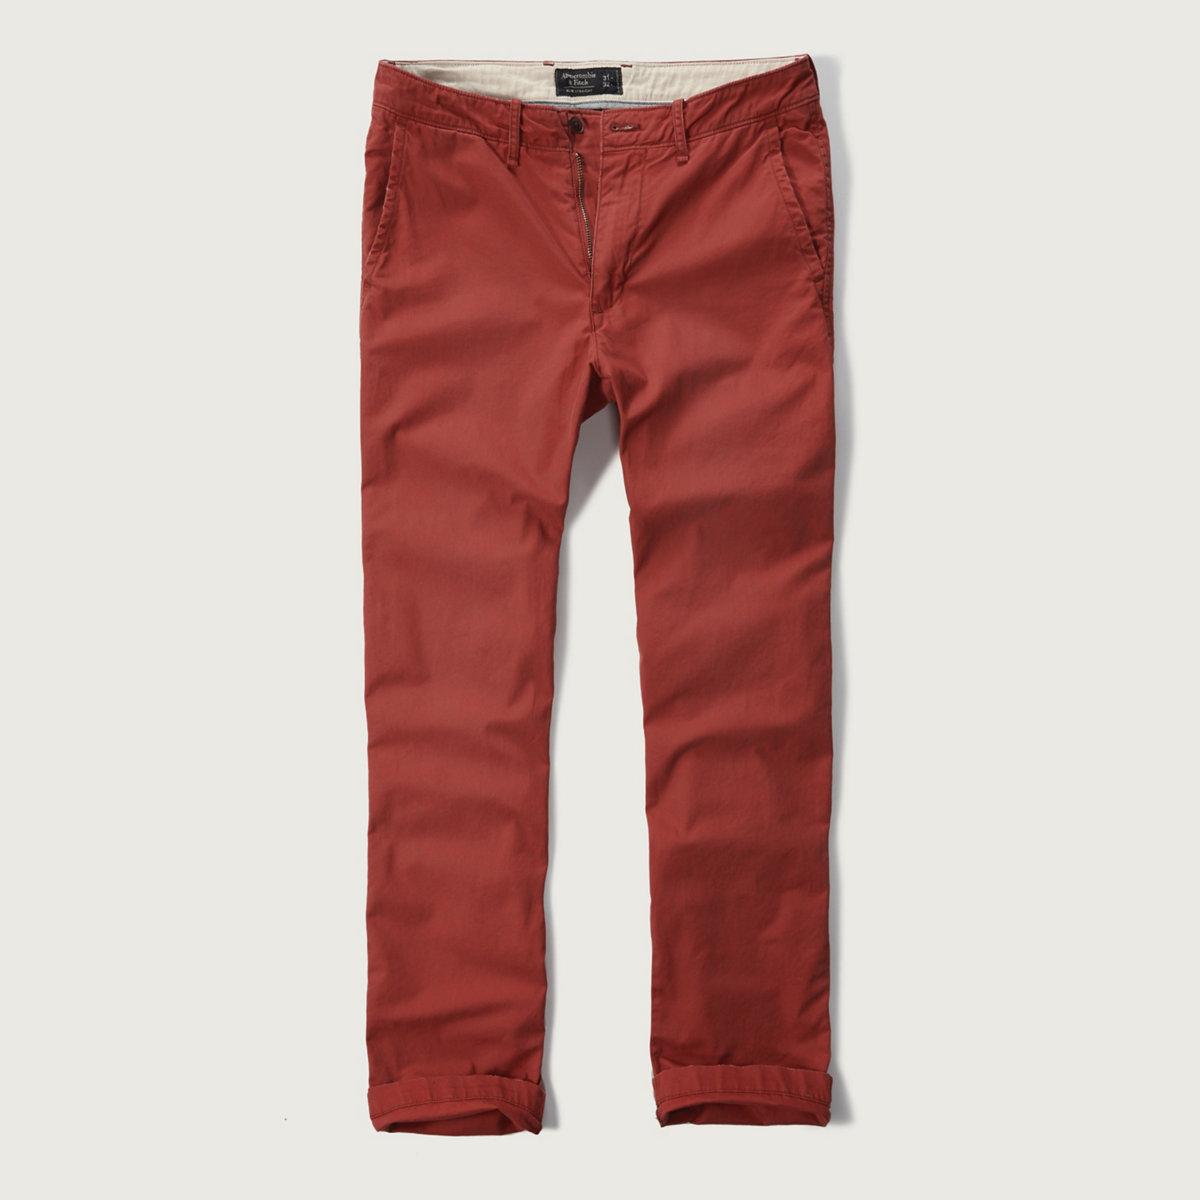 Slim Straight Chino Pants